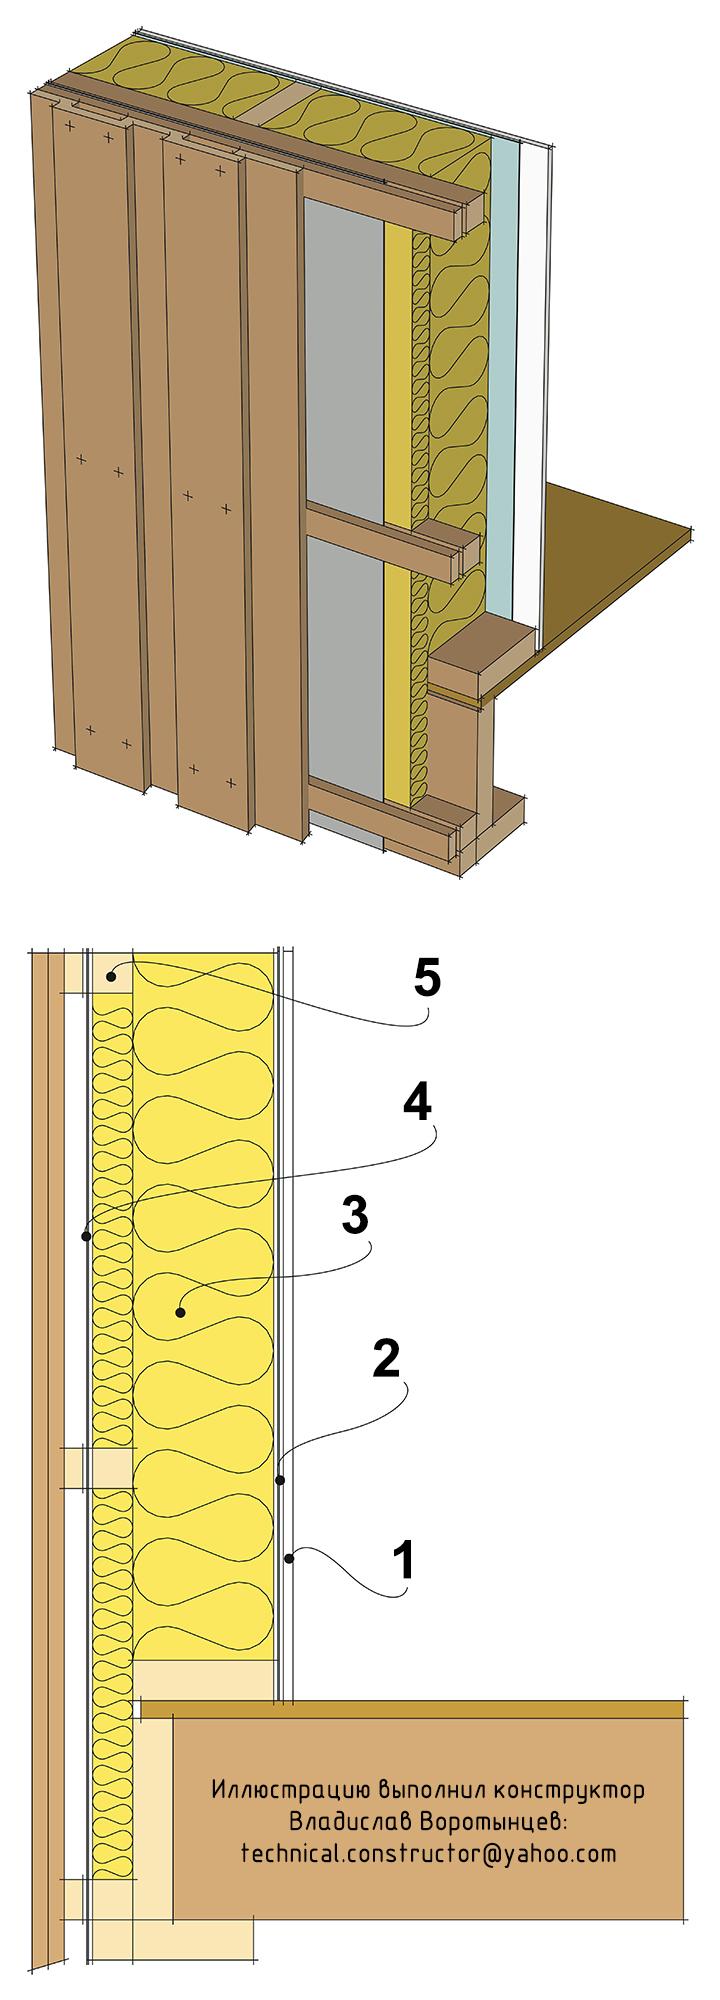 Рис. 9.66 Утеплённая наружная каркасная стена с дополнительным утеплением в слое наружной обрешётки